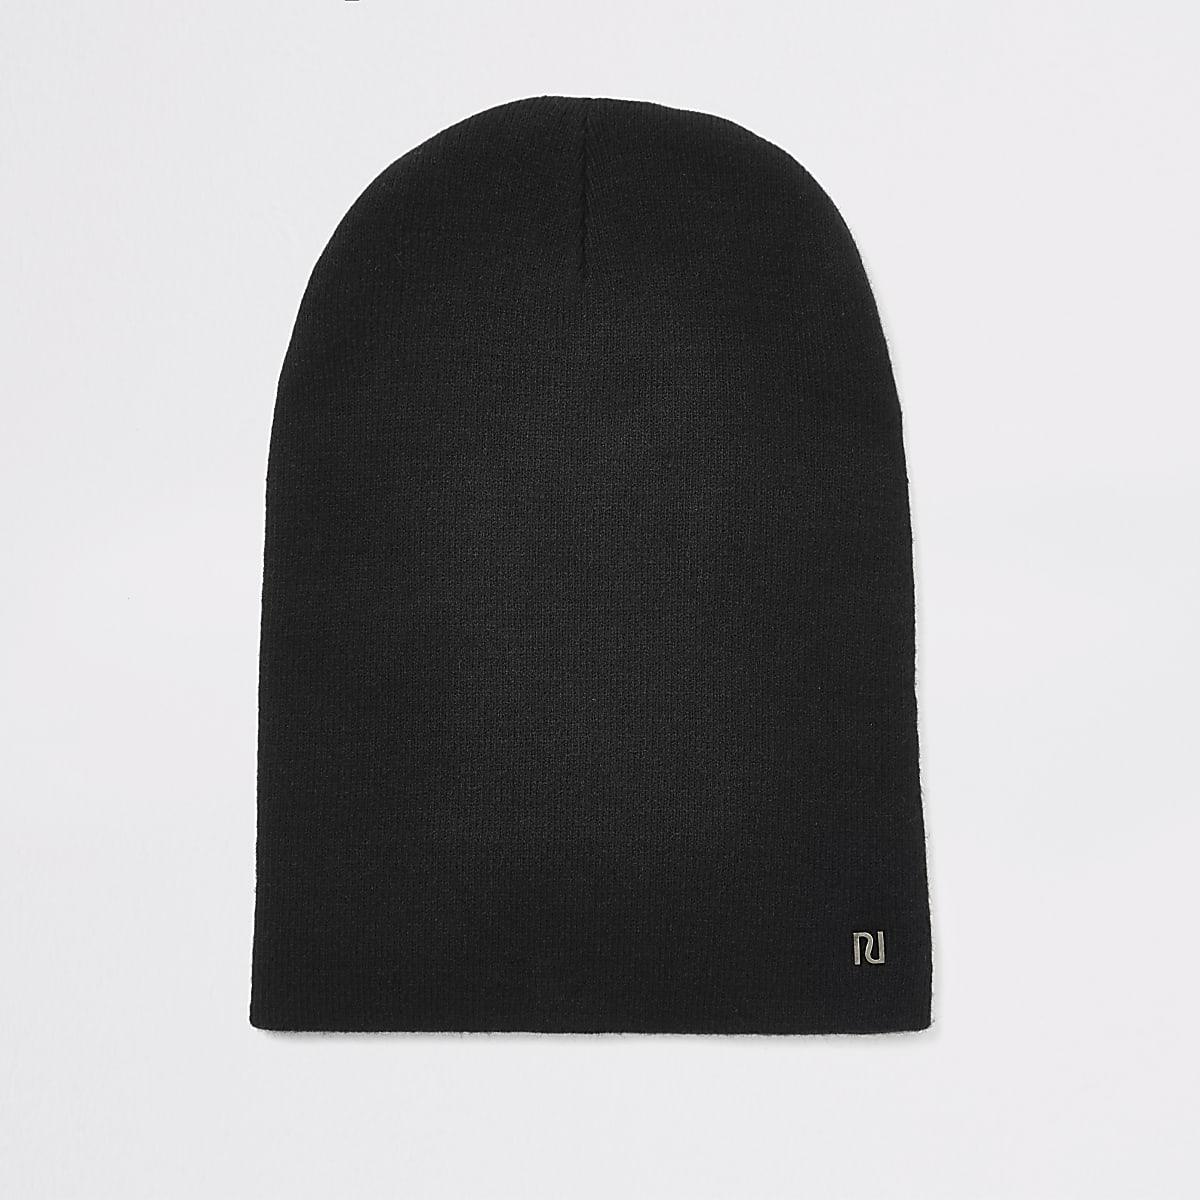 Bonnet large RI noir